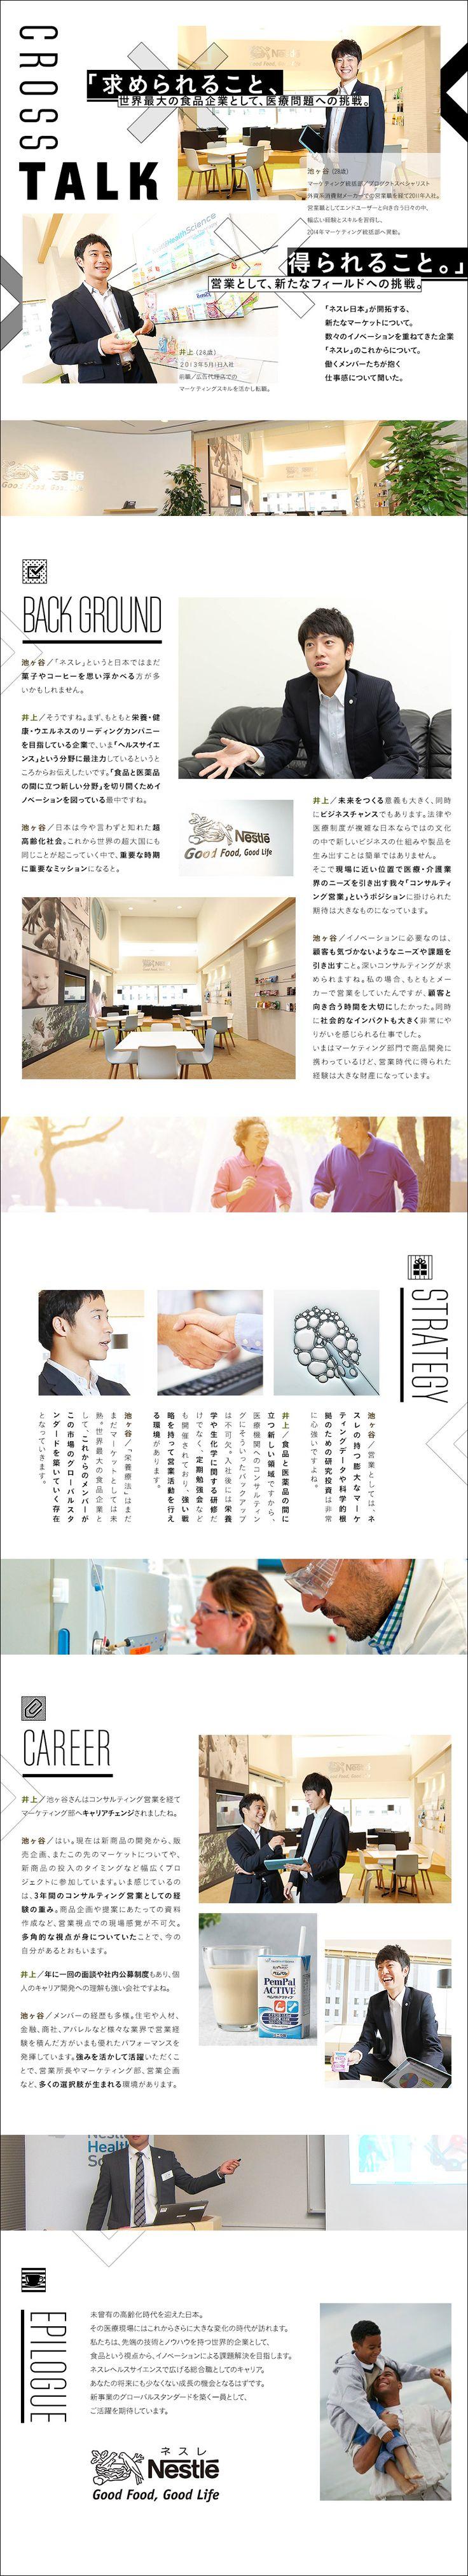 ネスレ日本株式会社(ネスレ ヘルスサイエンス カンパニー)/総合職(栄養療法のコンサルティング営業) /多彩なキャリアパスありの求人PR - 転職ならDODA(デューダ)